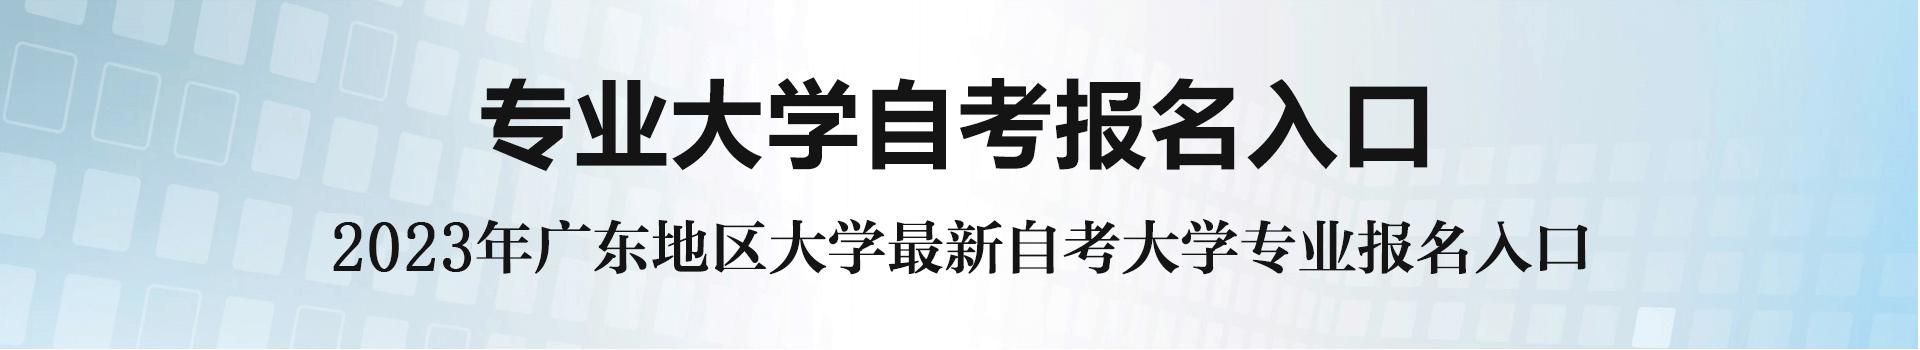 深圳继续教育招生网